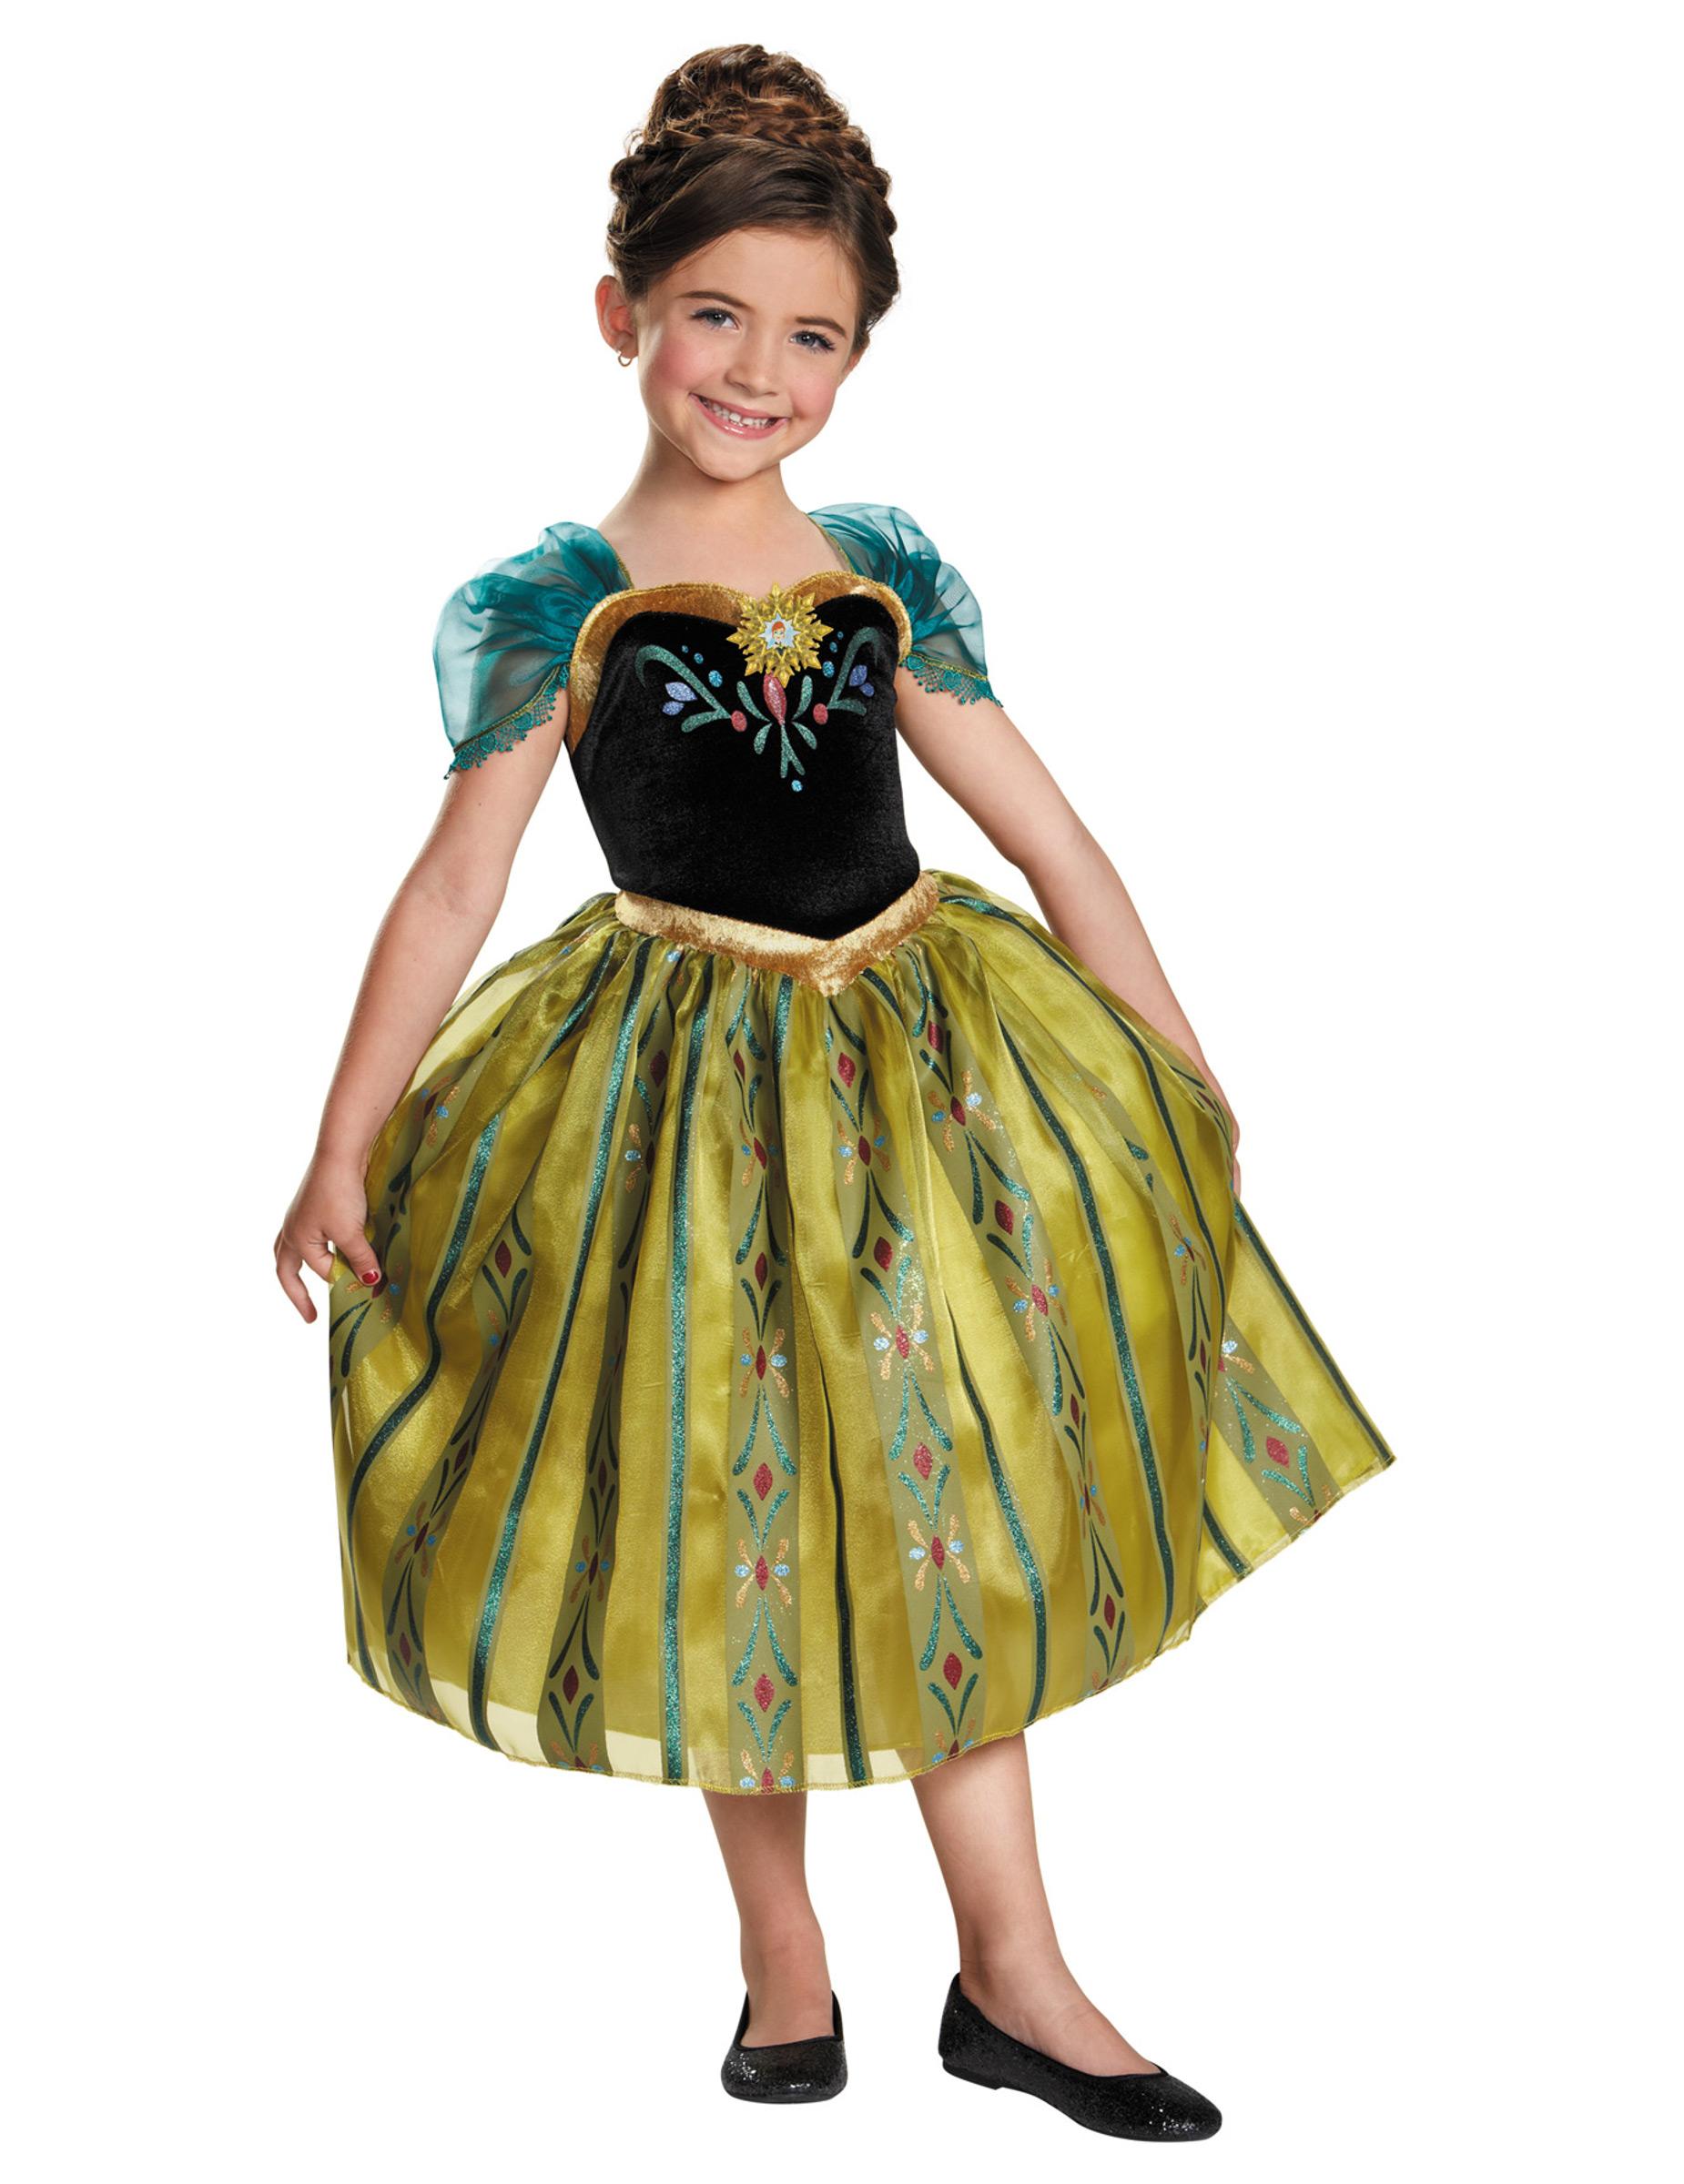 Déguisement couronnement Anna La Reine des Neiges™, achat de ... 5172cabbcb0e